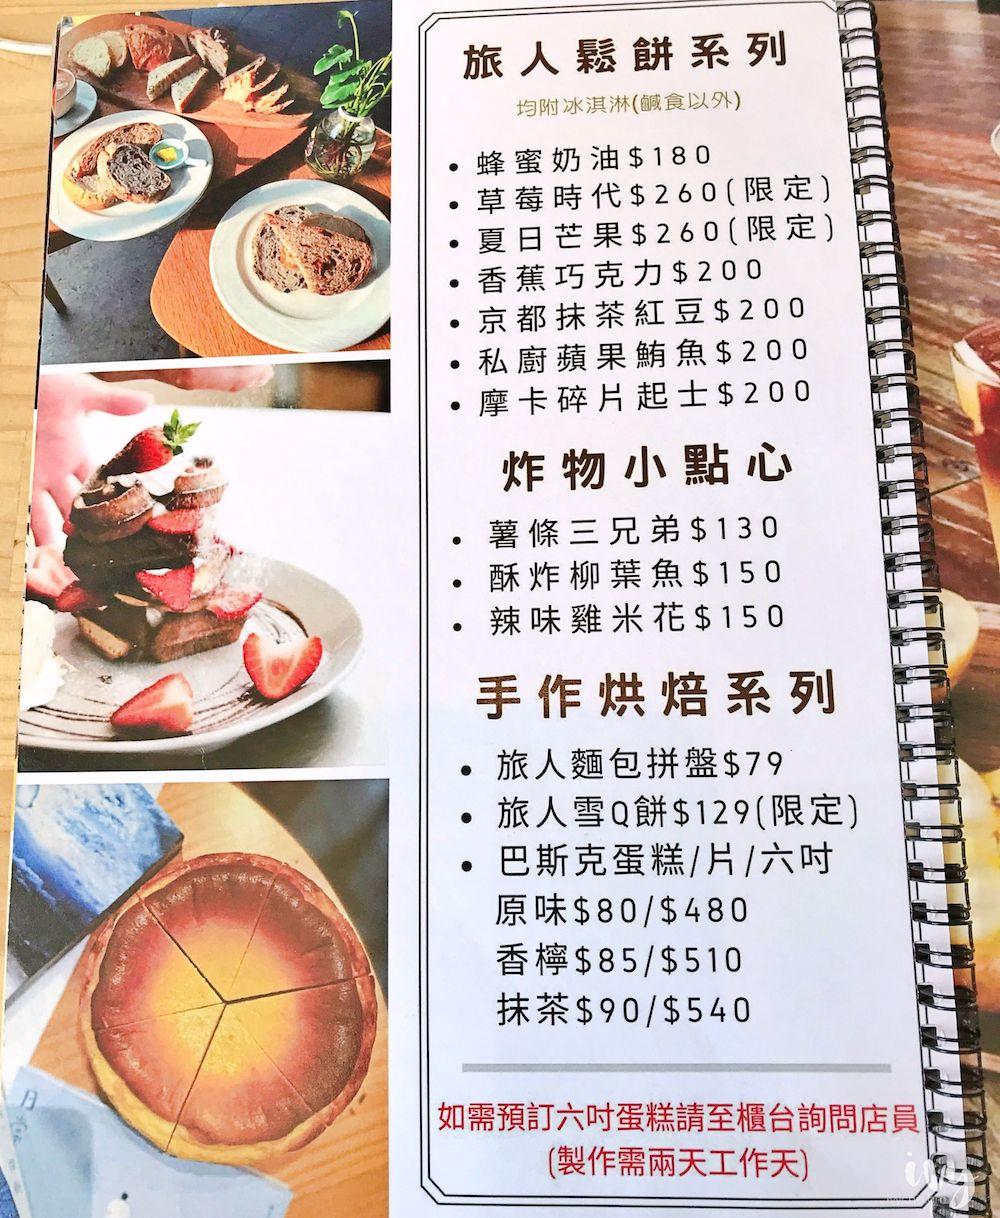 說書旅人菜單